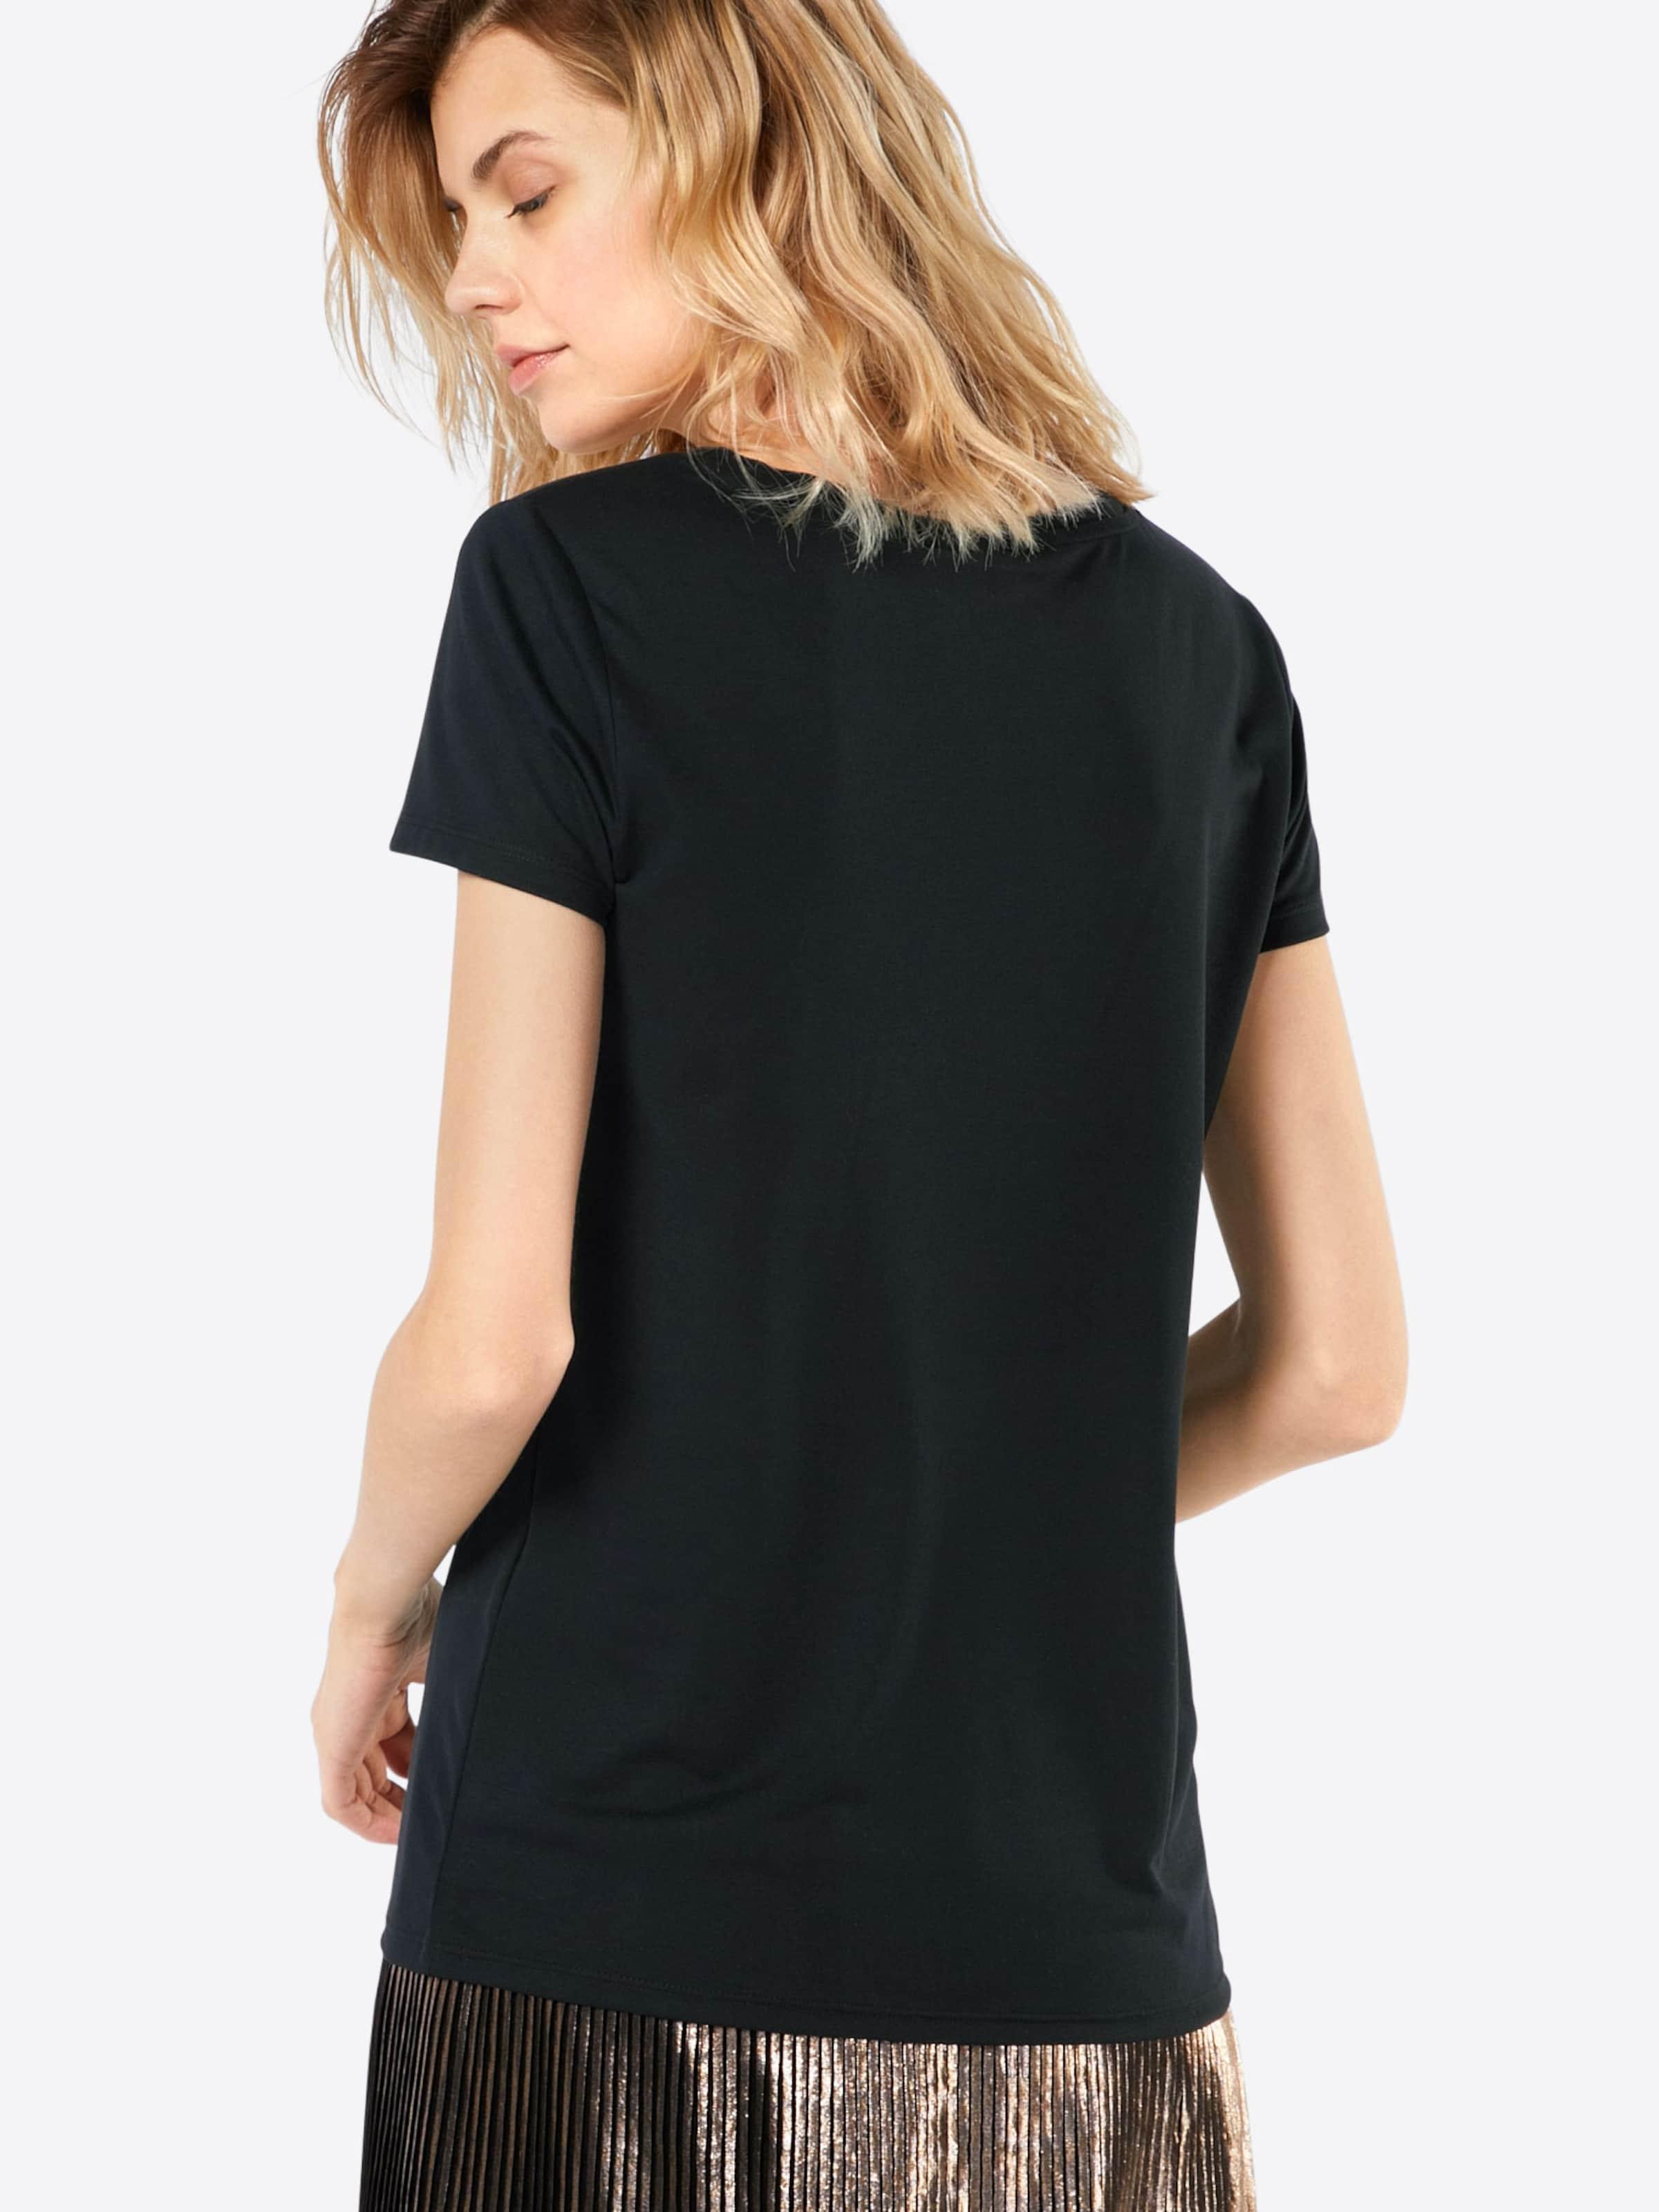 JACQUELINE de YONG Shirt 'JDYNEW SKY' Verkauf Größten Lieferanten Spielraum Zahlung Mit Visa MVWLCJX0x